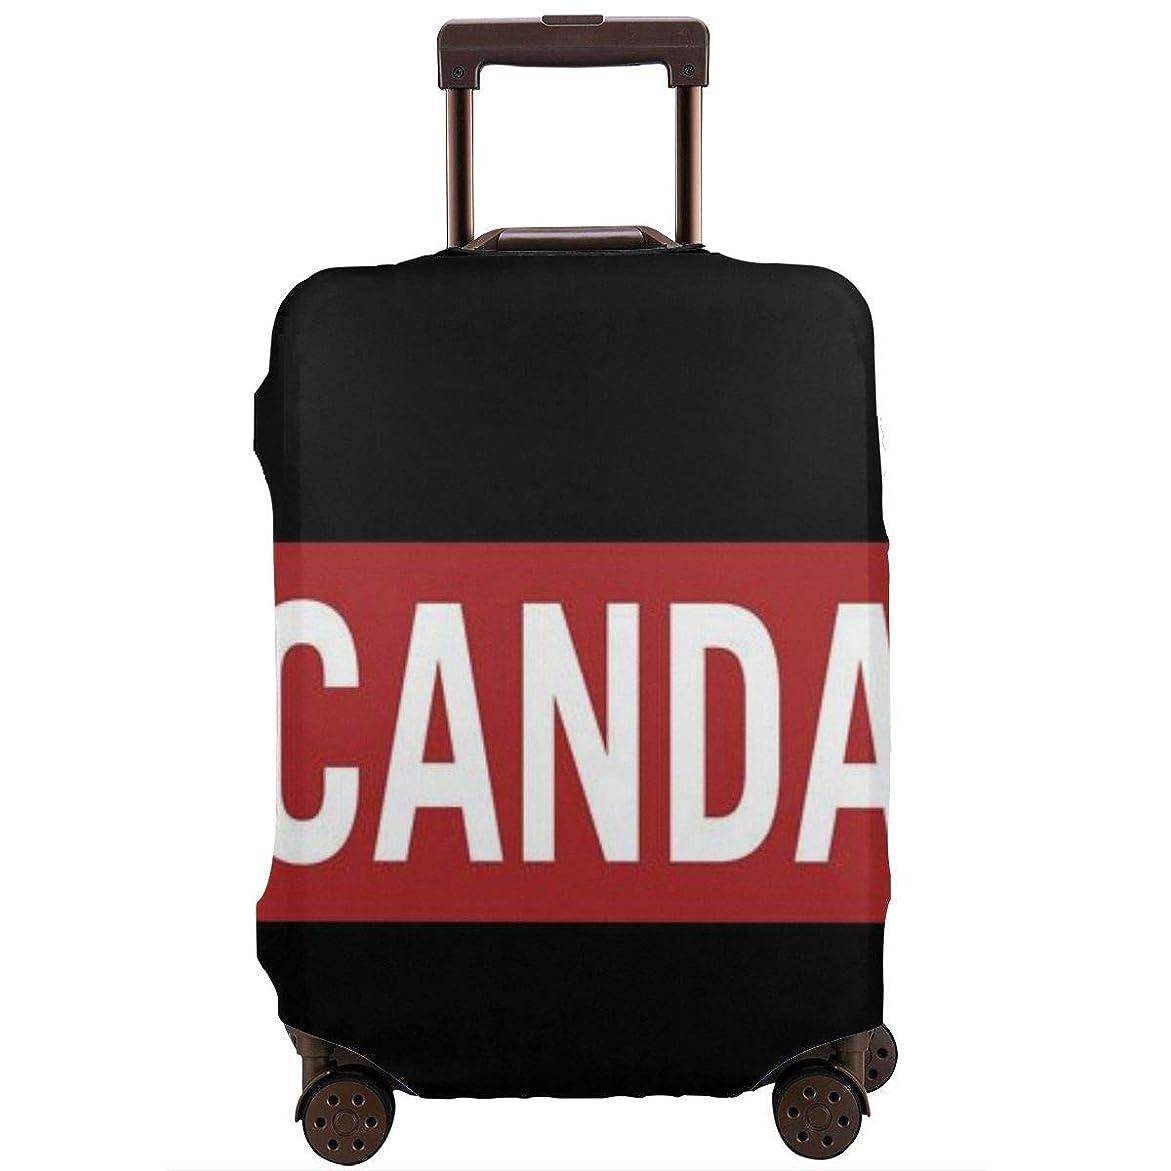 シーケンス囲む専らスーツケースカバー 伸縮 Cr7 ファスナー ト ランクカバー ラゲージカバー プリント かわいい 防塵カバー 伸縮素材 おもしろい 旅行 S/M/L/Xlサイズ かっこいい おしゃれ 洗える 耐久性 弾力性 ラゲージカバー キャリーバッグ